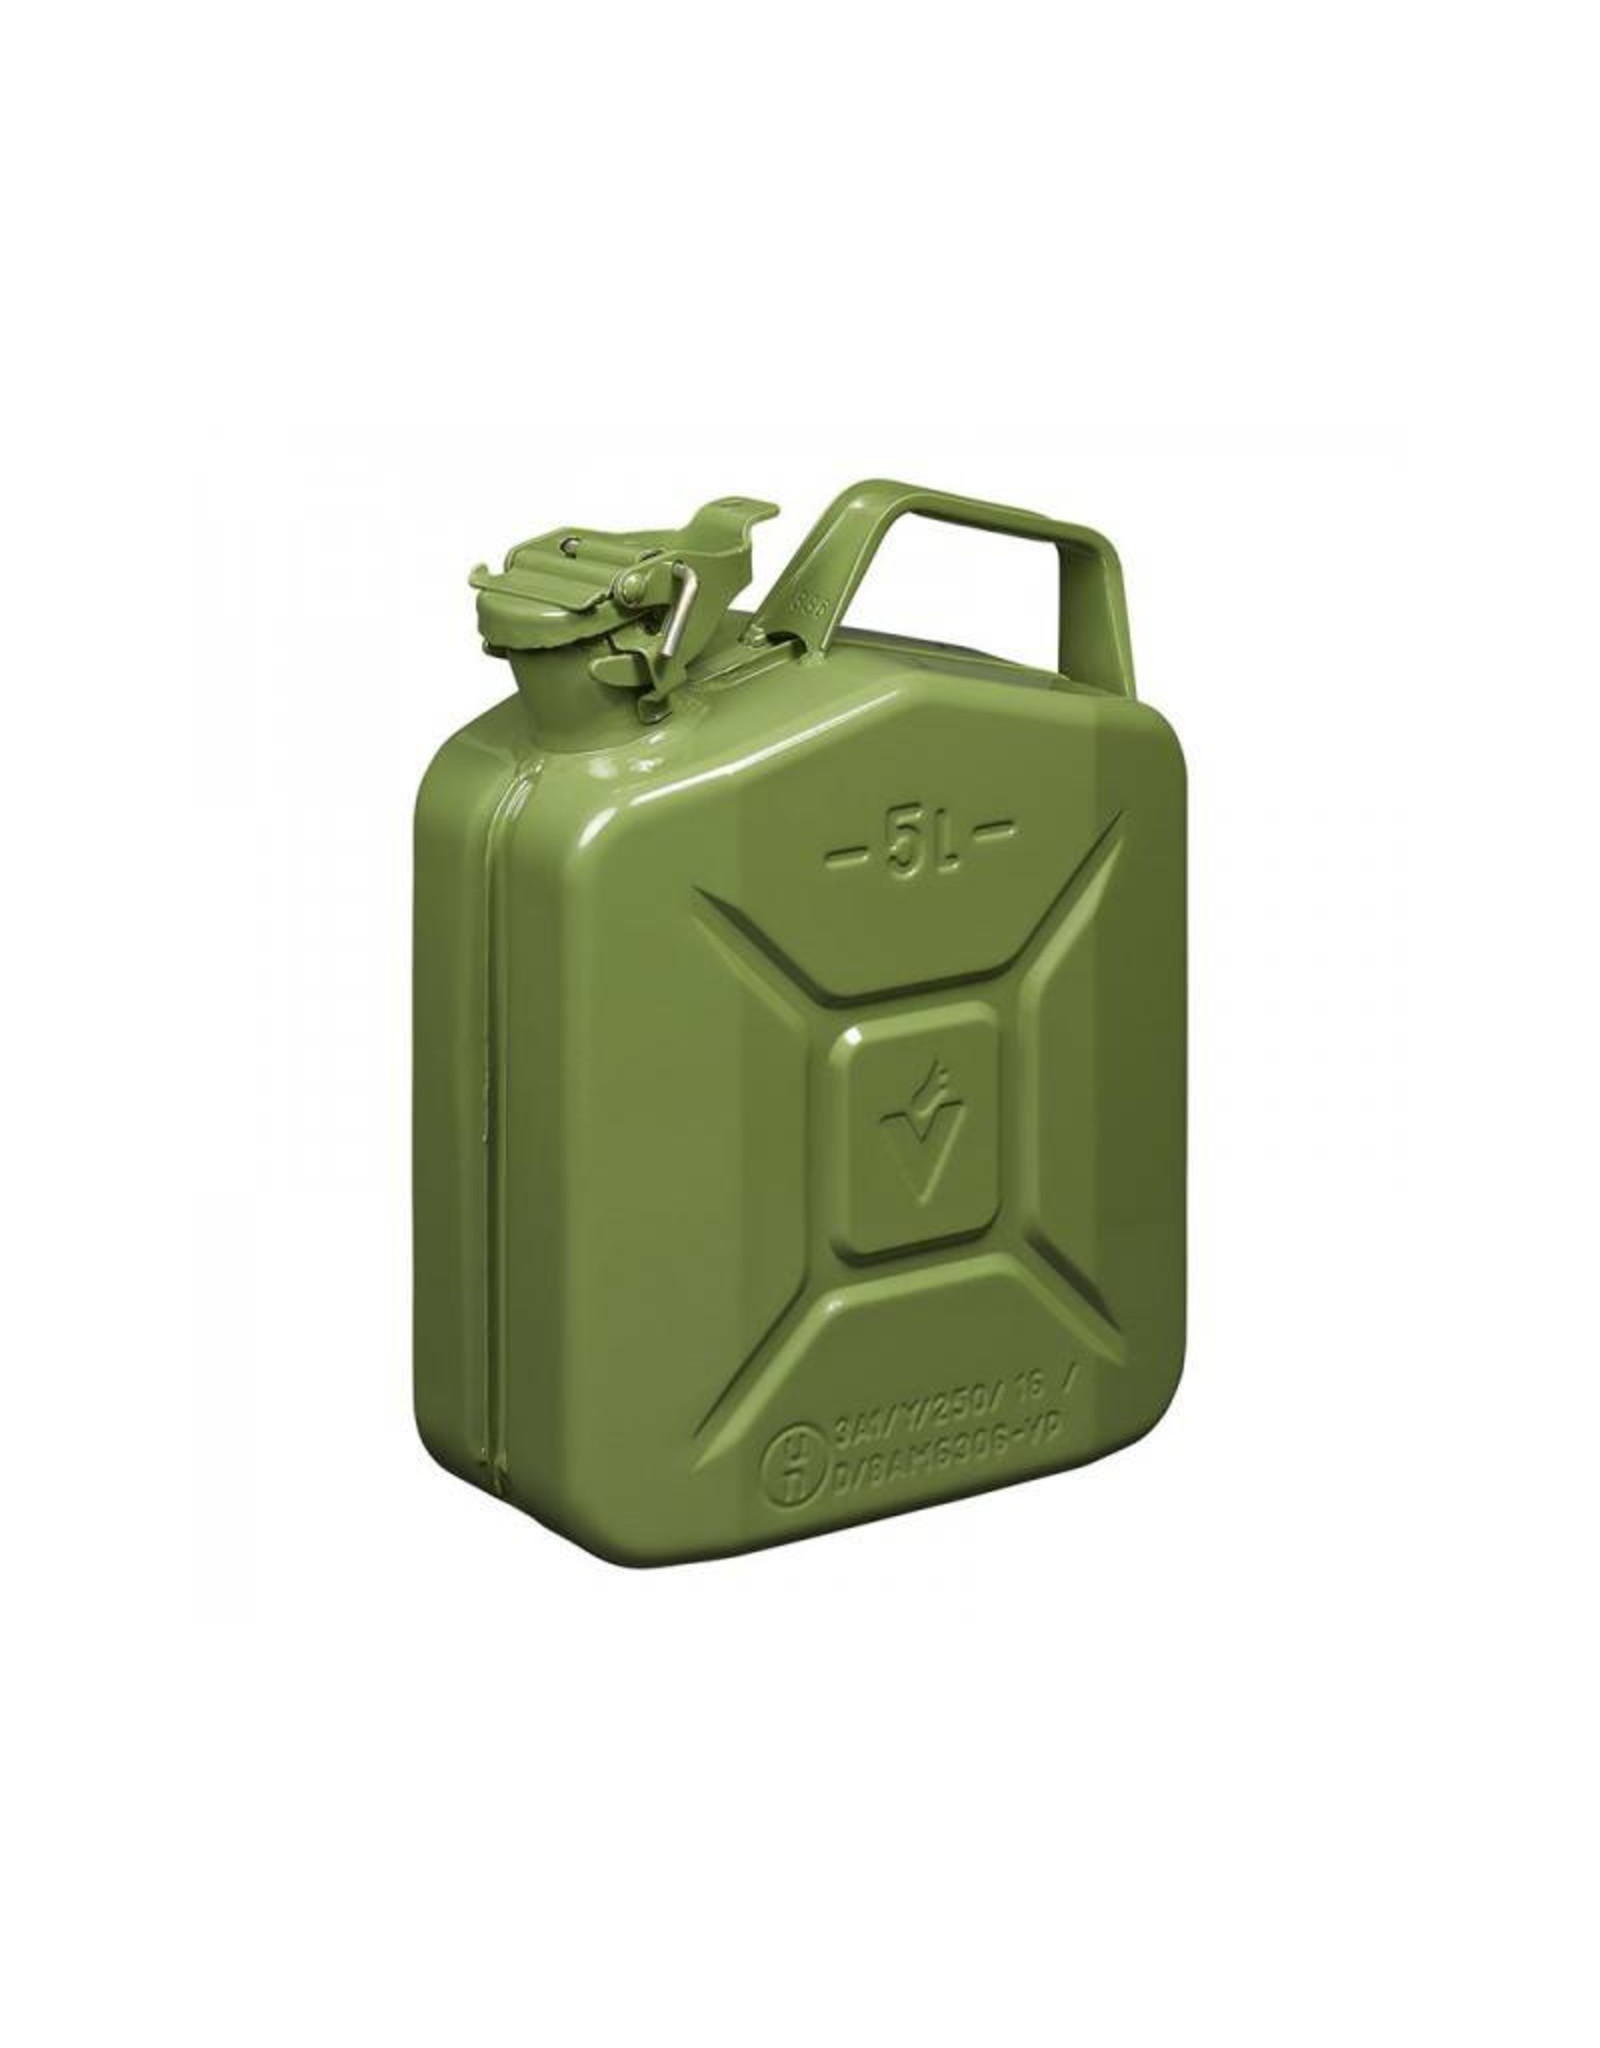 Jerrycan 5L metaal groen UN- & T?V/GS-gekeurd